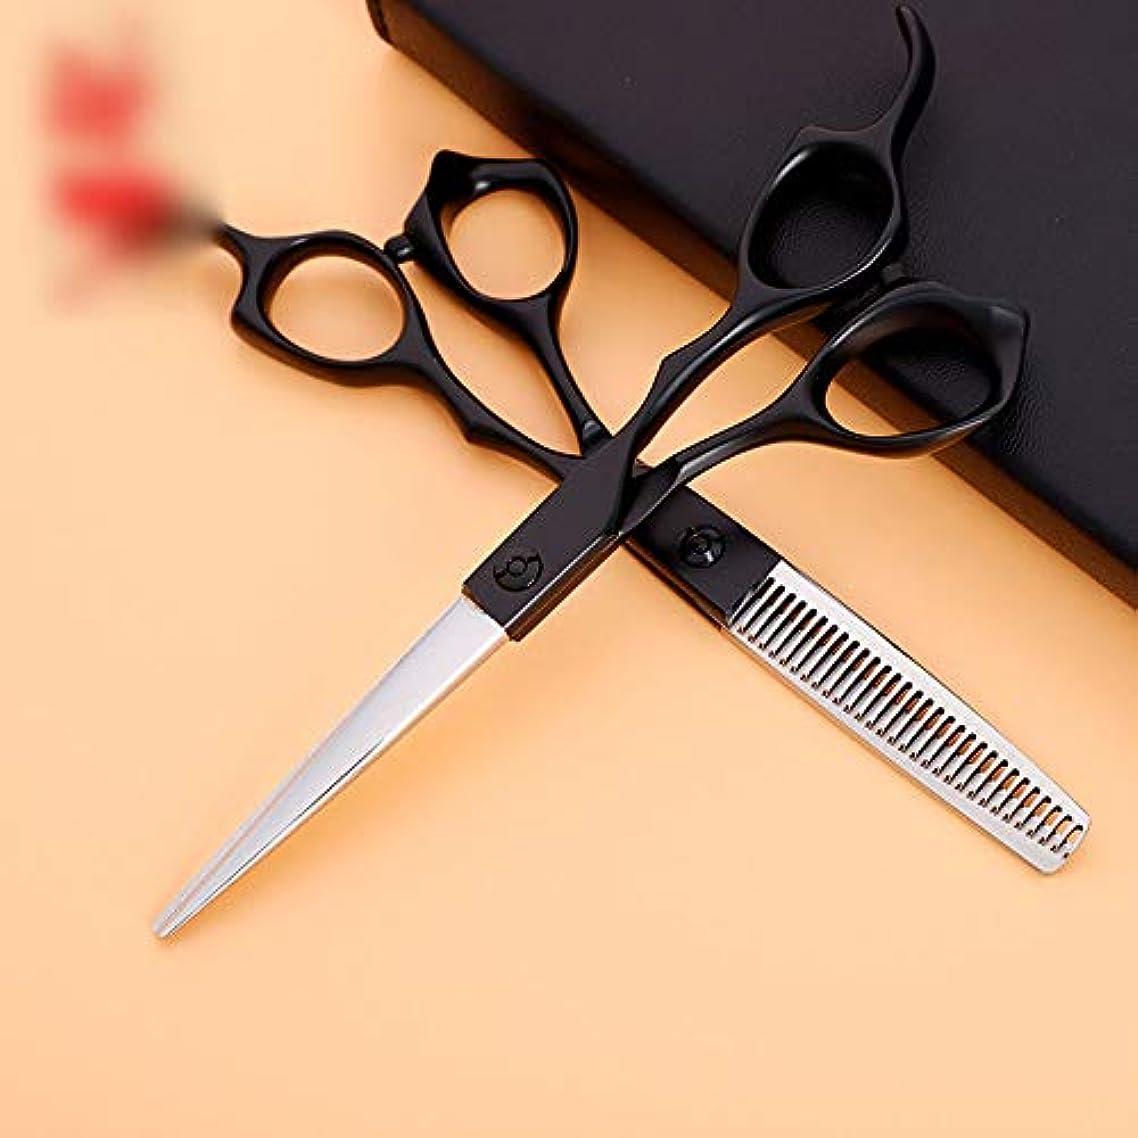 グリーンバック救いカラス理髪用はさみ 6インチ美容院プロフェッショナル理髪セット、家庭用ヘアカットツールヘアカットはさみステンレス理髪はさみ (色 : 黒)